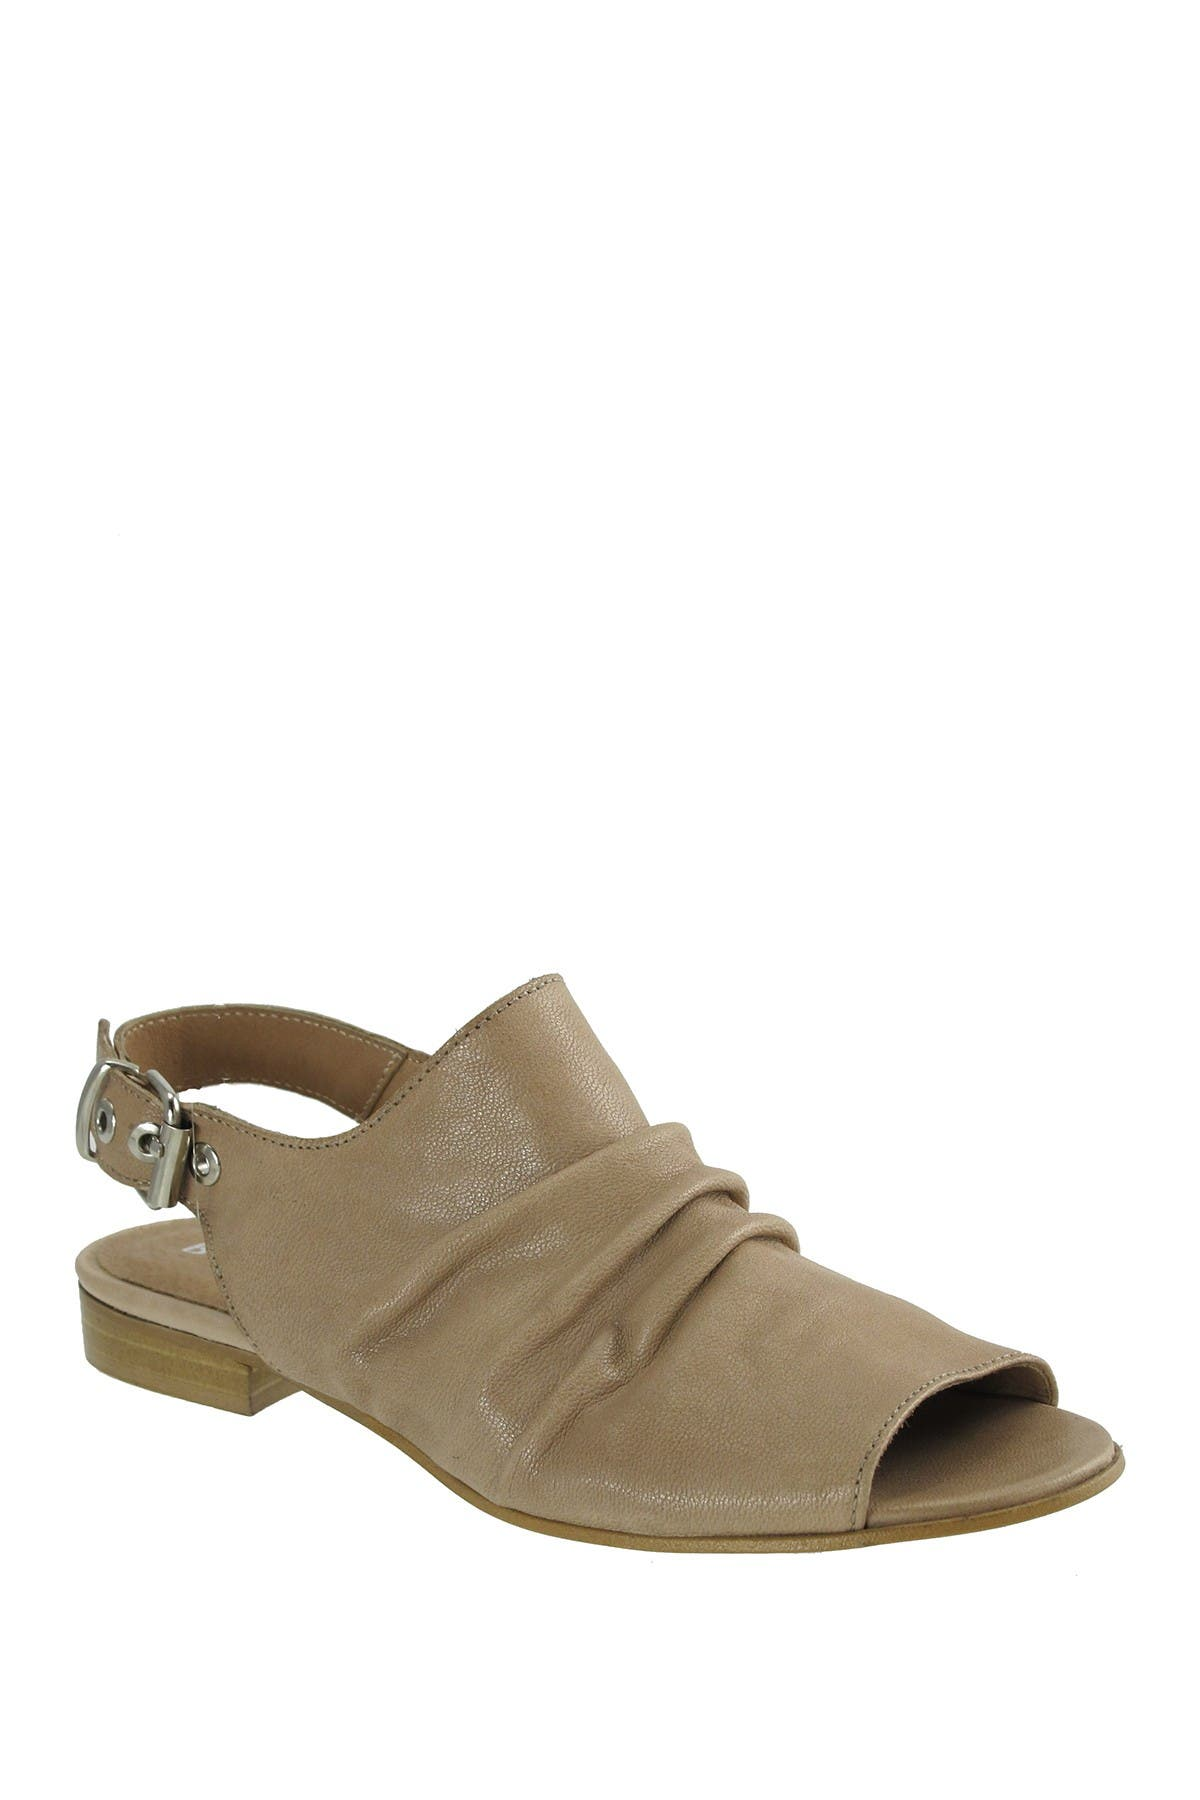 Image of RON WHITE Annastasia Peep Toe Sandal